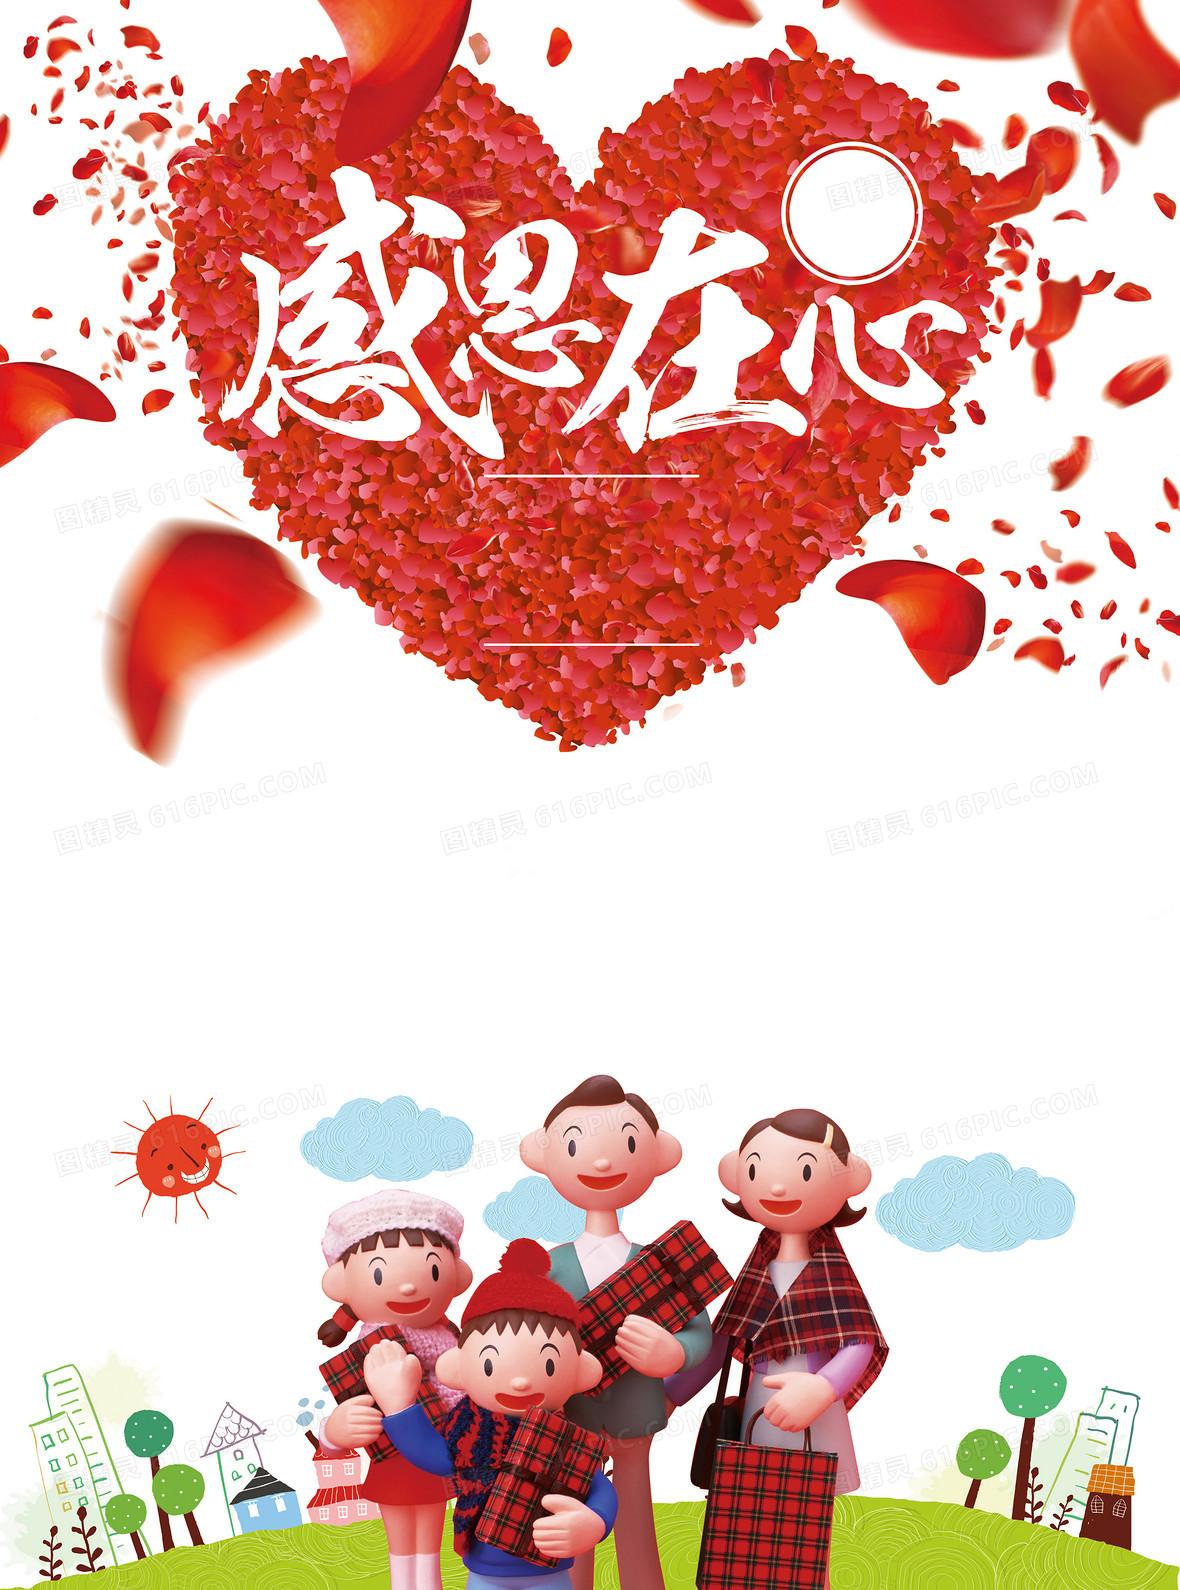 卡通矢量感恩节背景素材